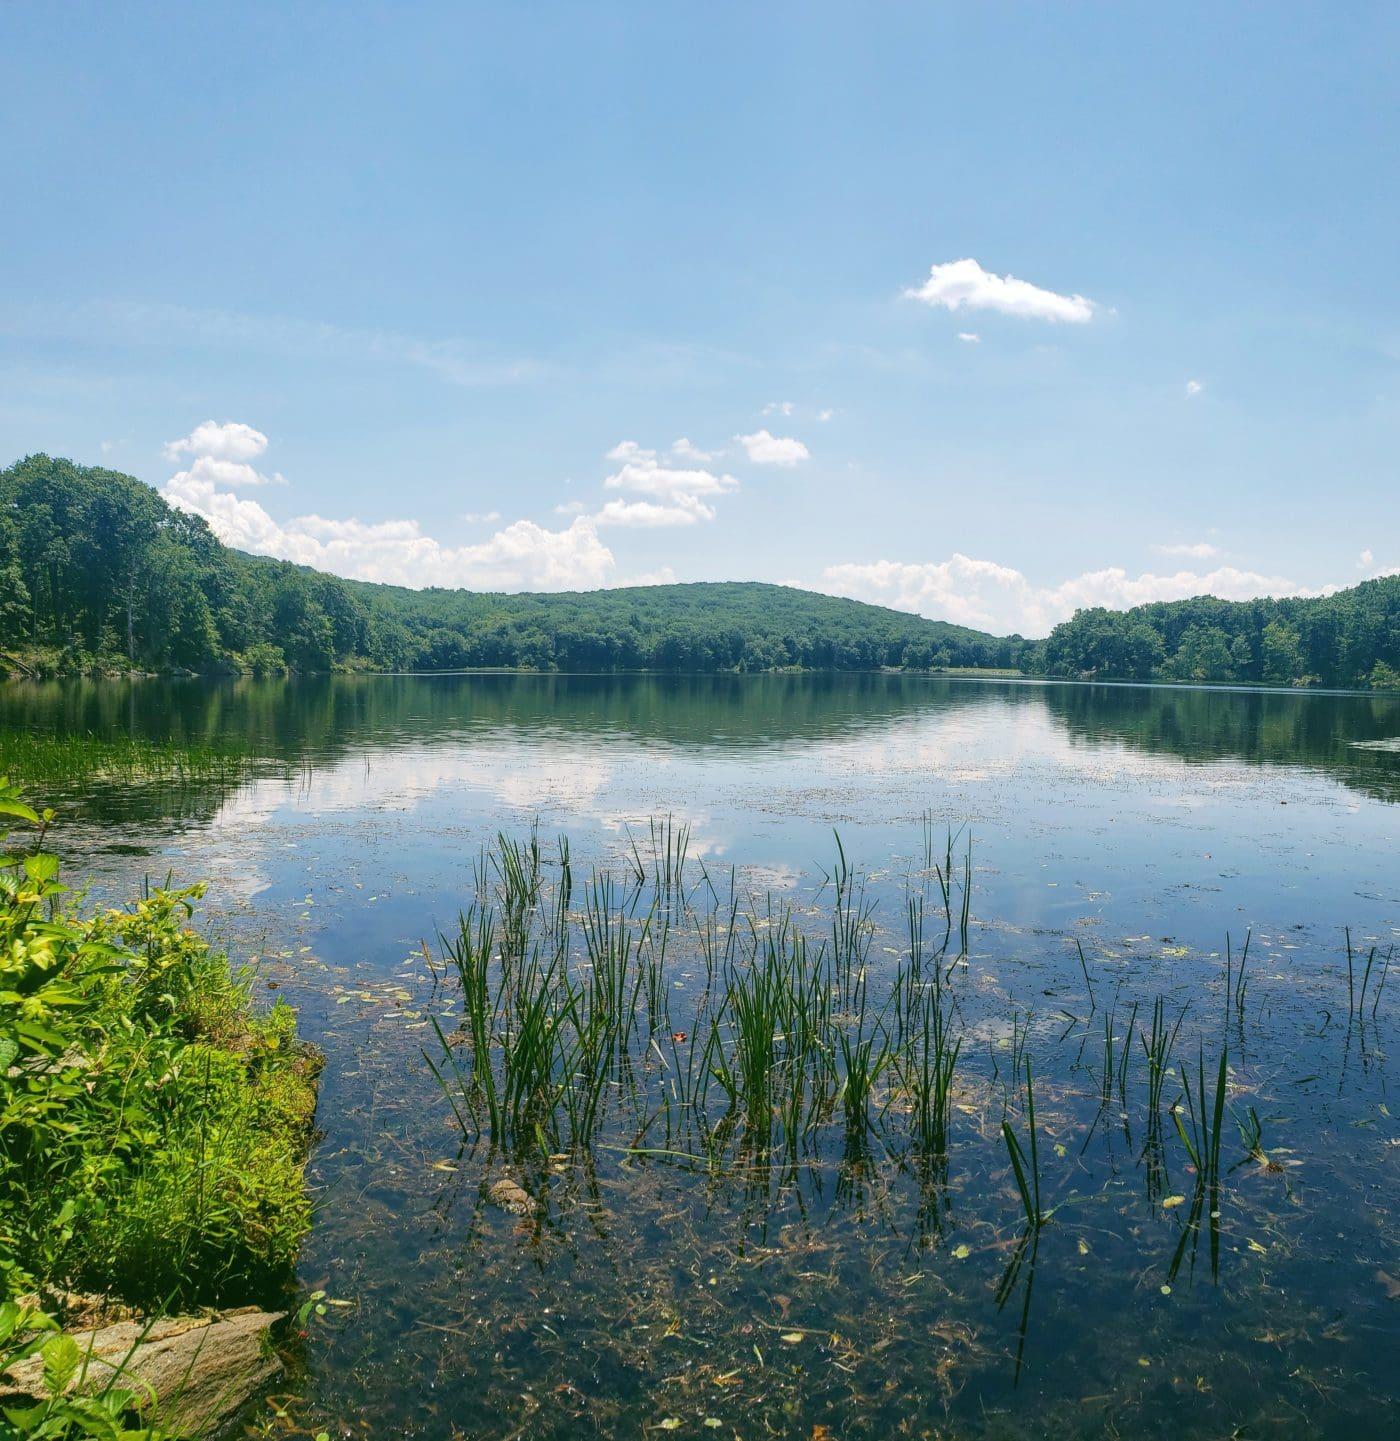 Nuclear Lake